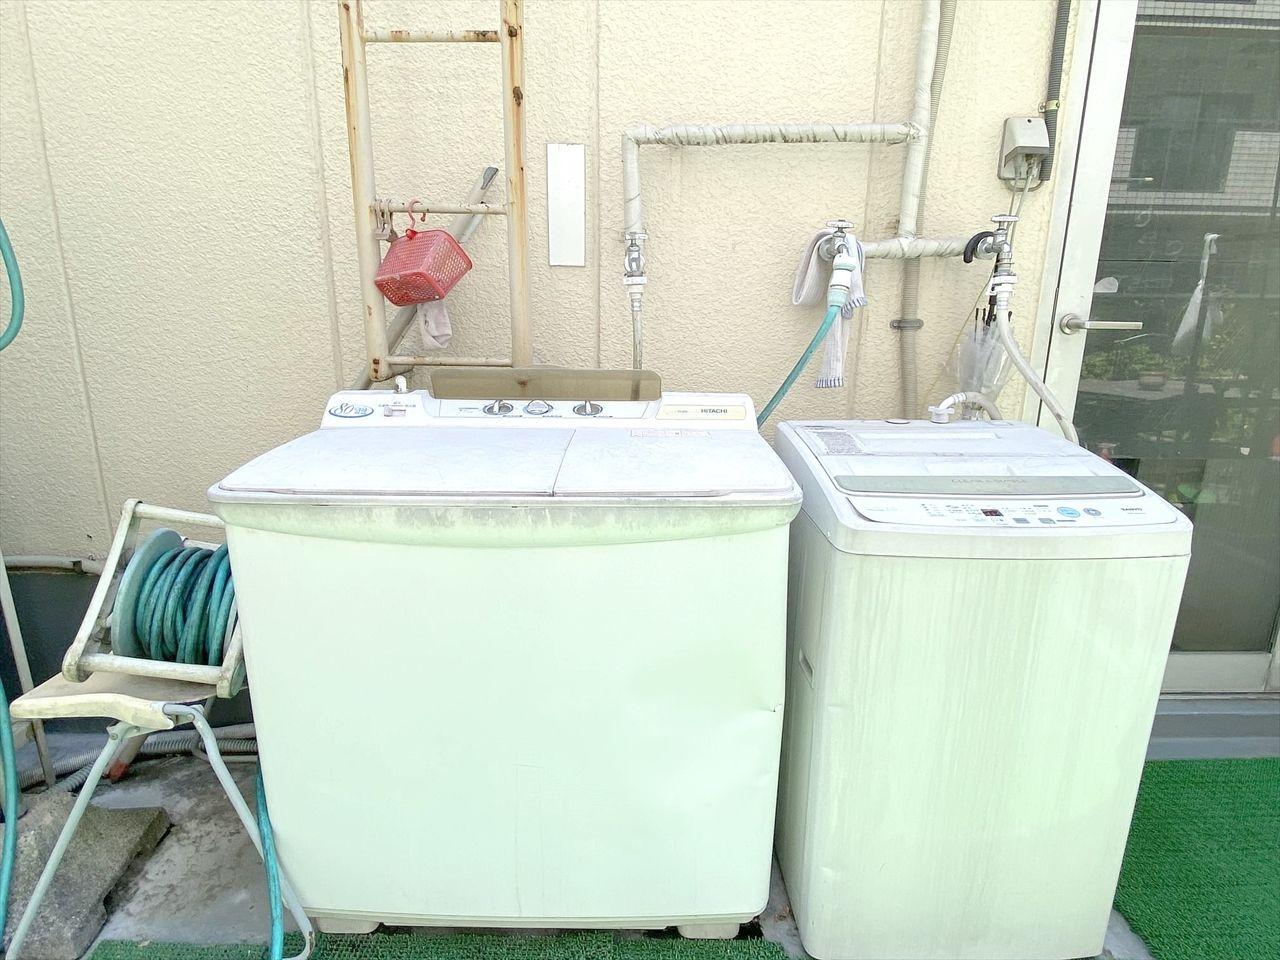 4階のバルコニーに洗濯機あります。